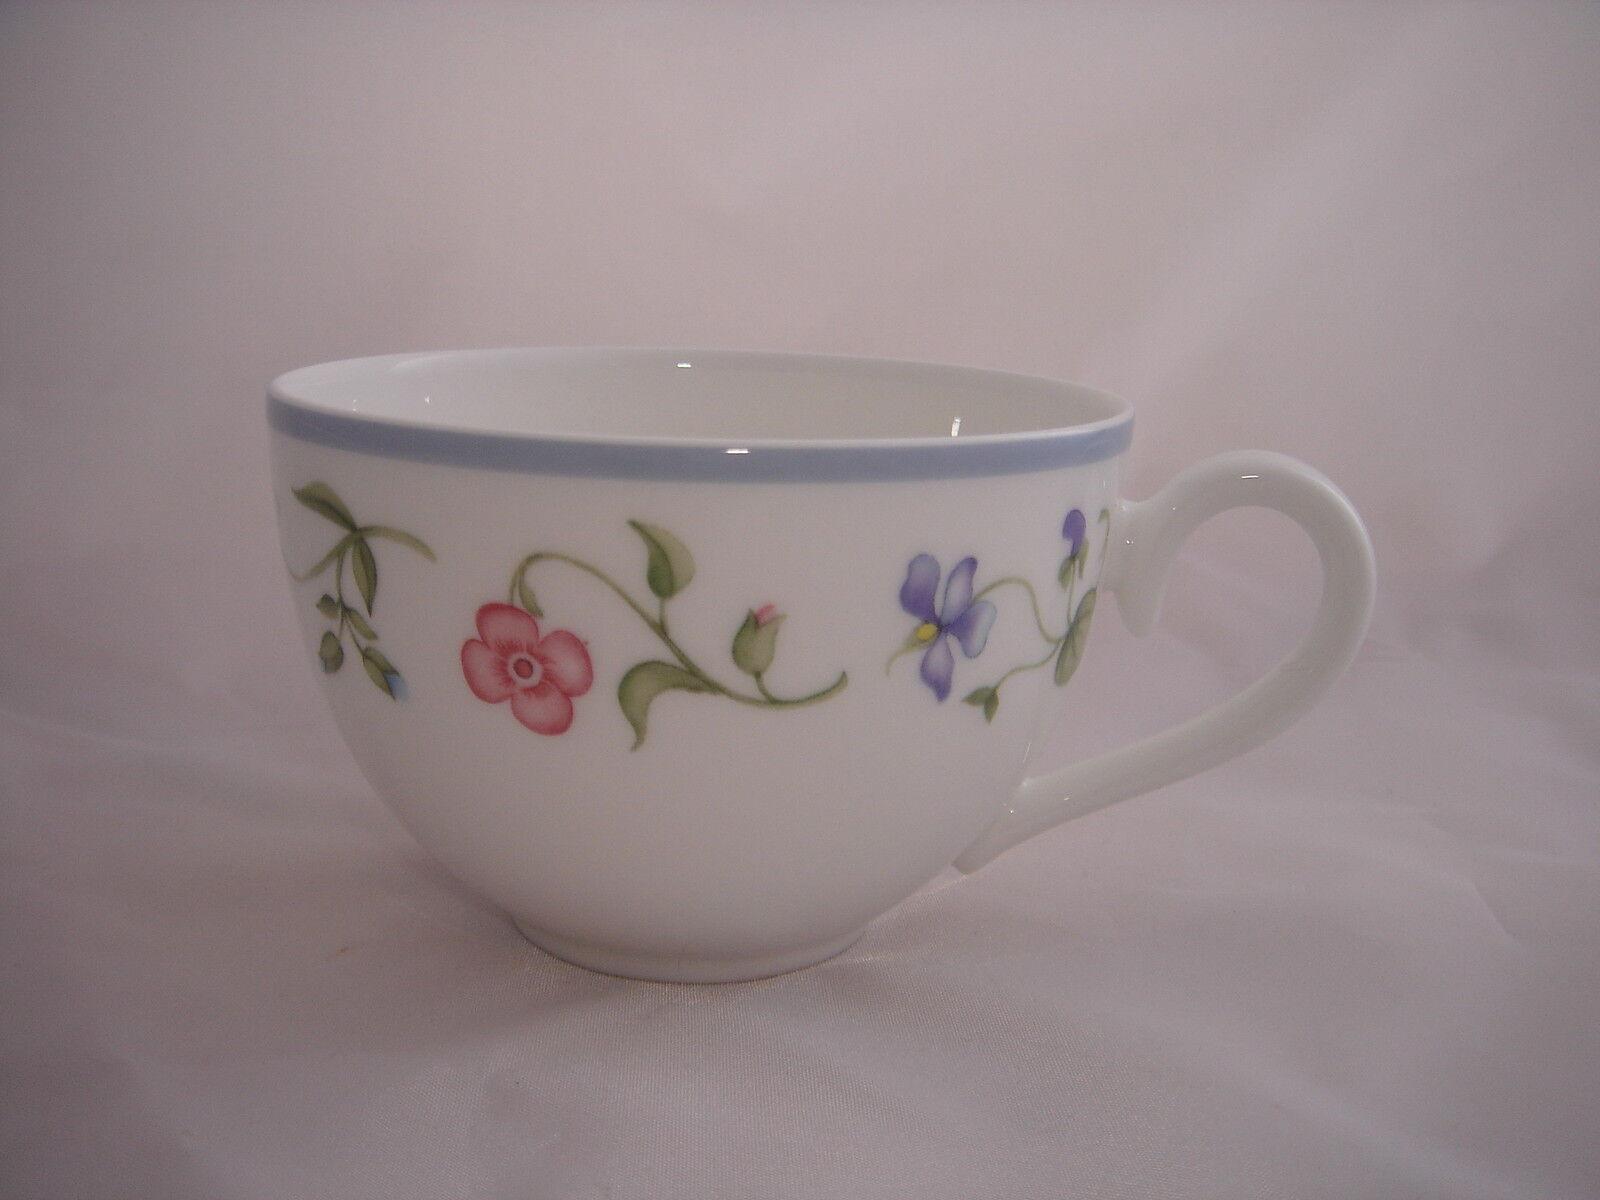 VILLEROY & BOCH v&b fleurie 3 café tasse de café tasses tasse tasses nouveau H 6 Top